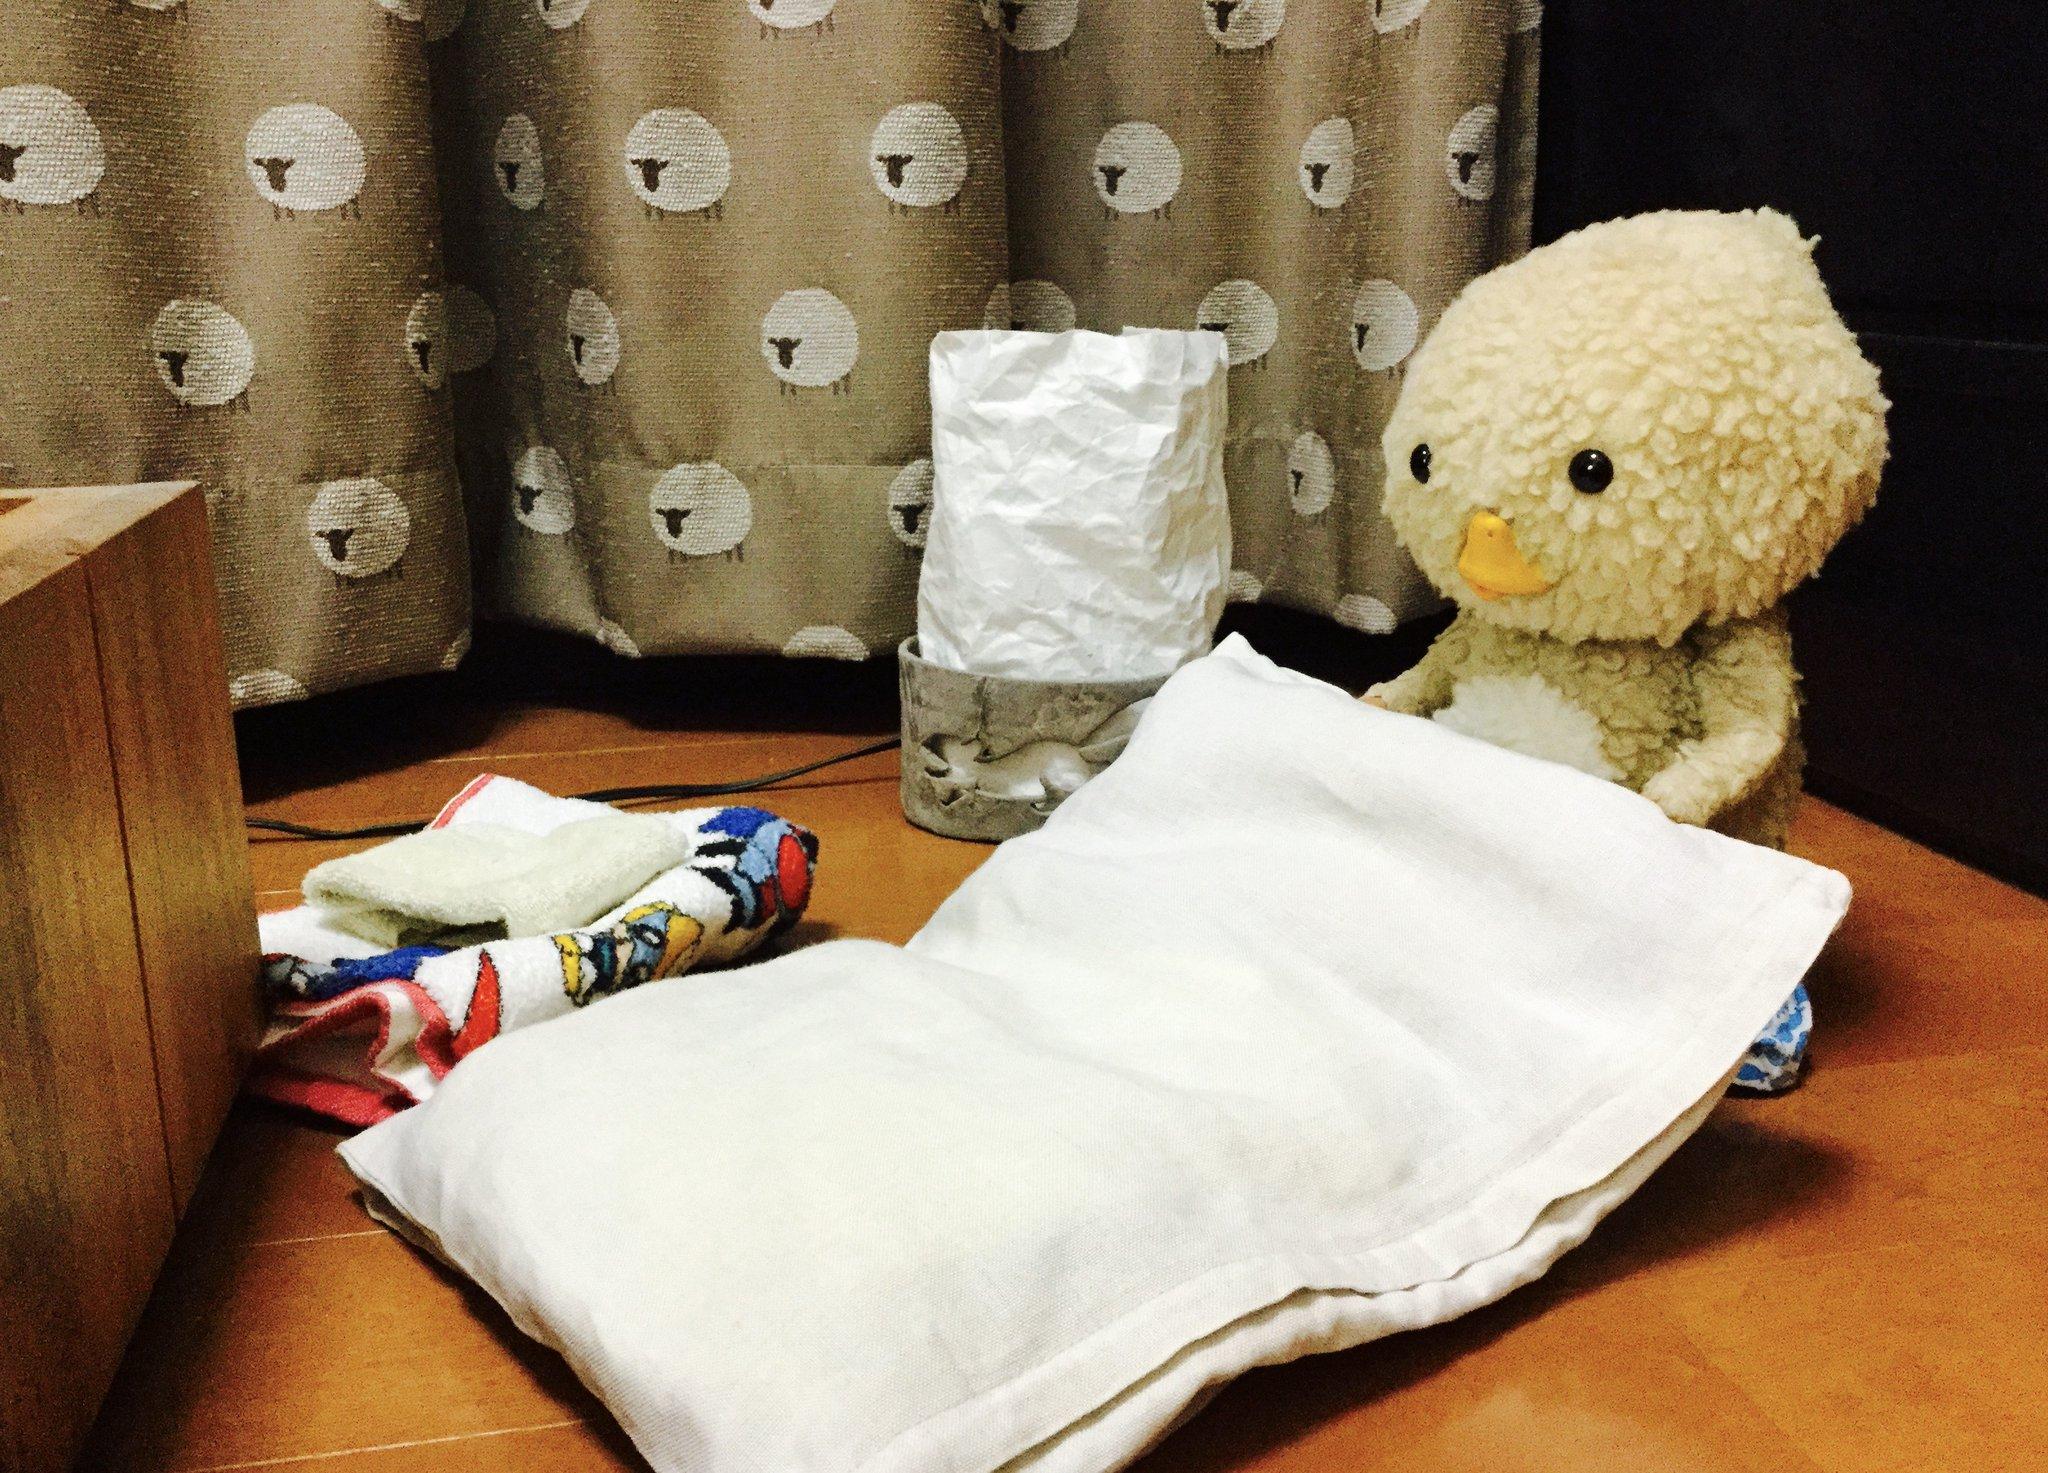 東京トガリくん,寝る準備,夜更かしはダメ,禁物,早く寝なさい